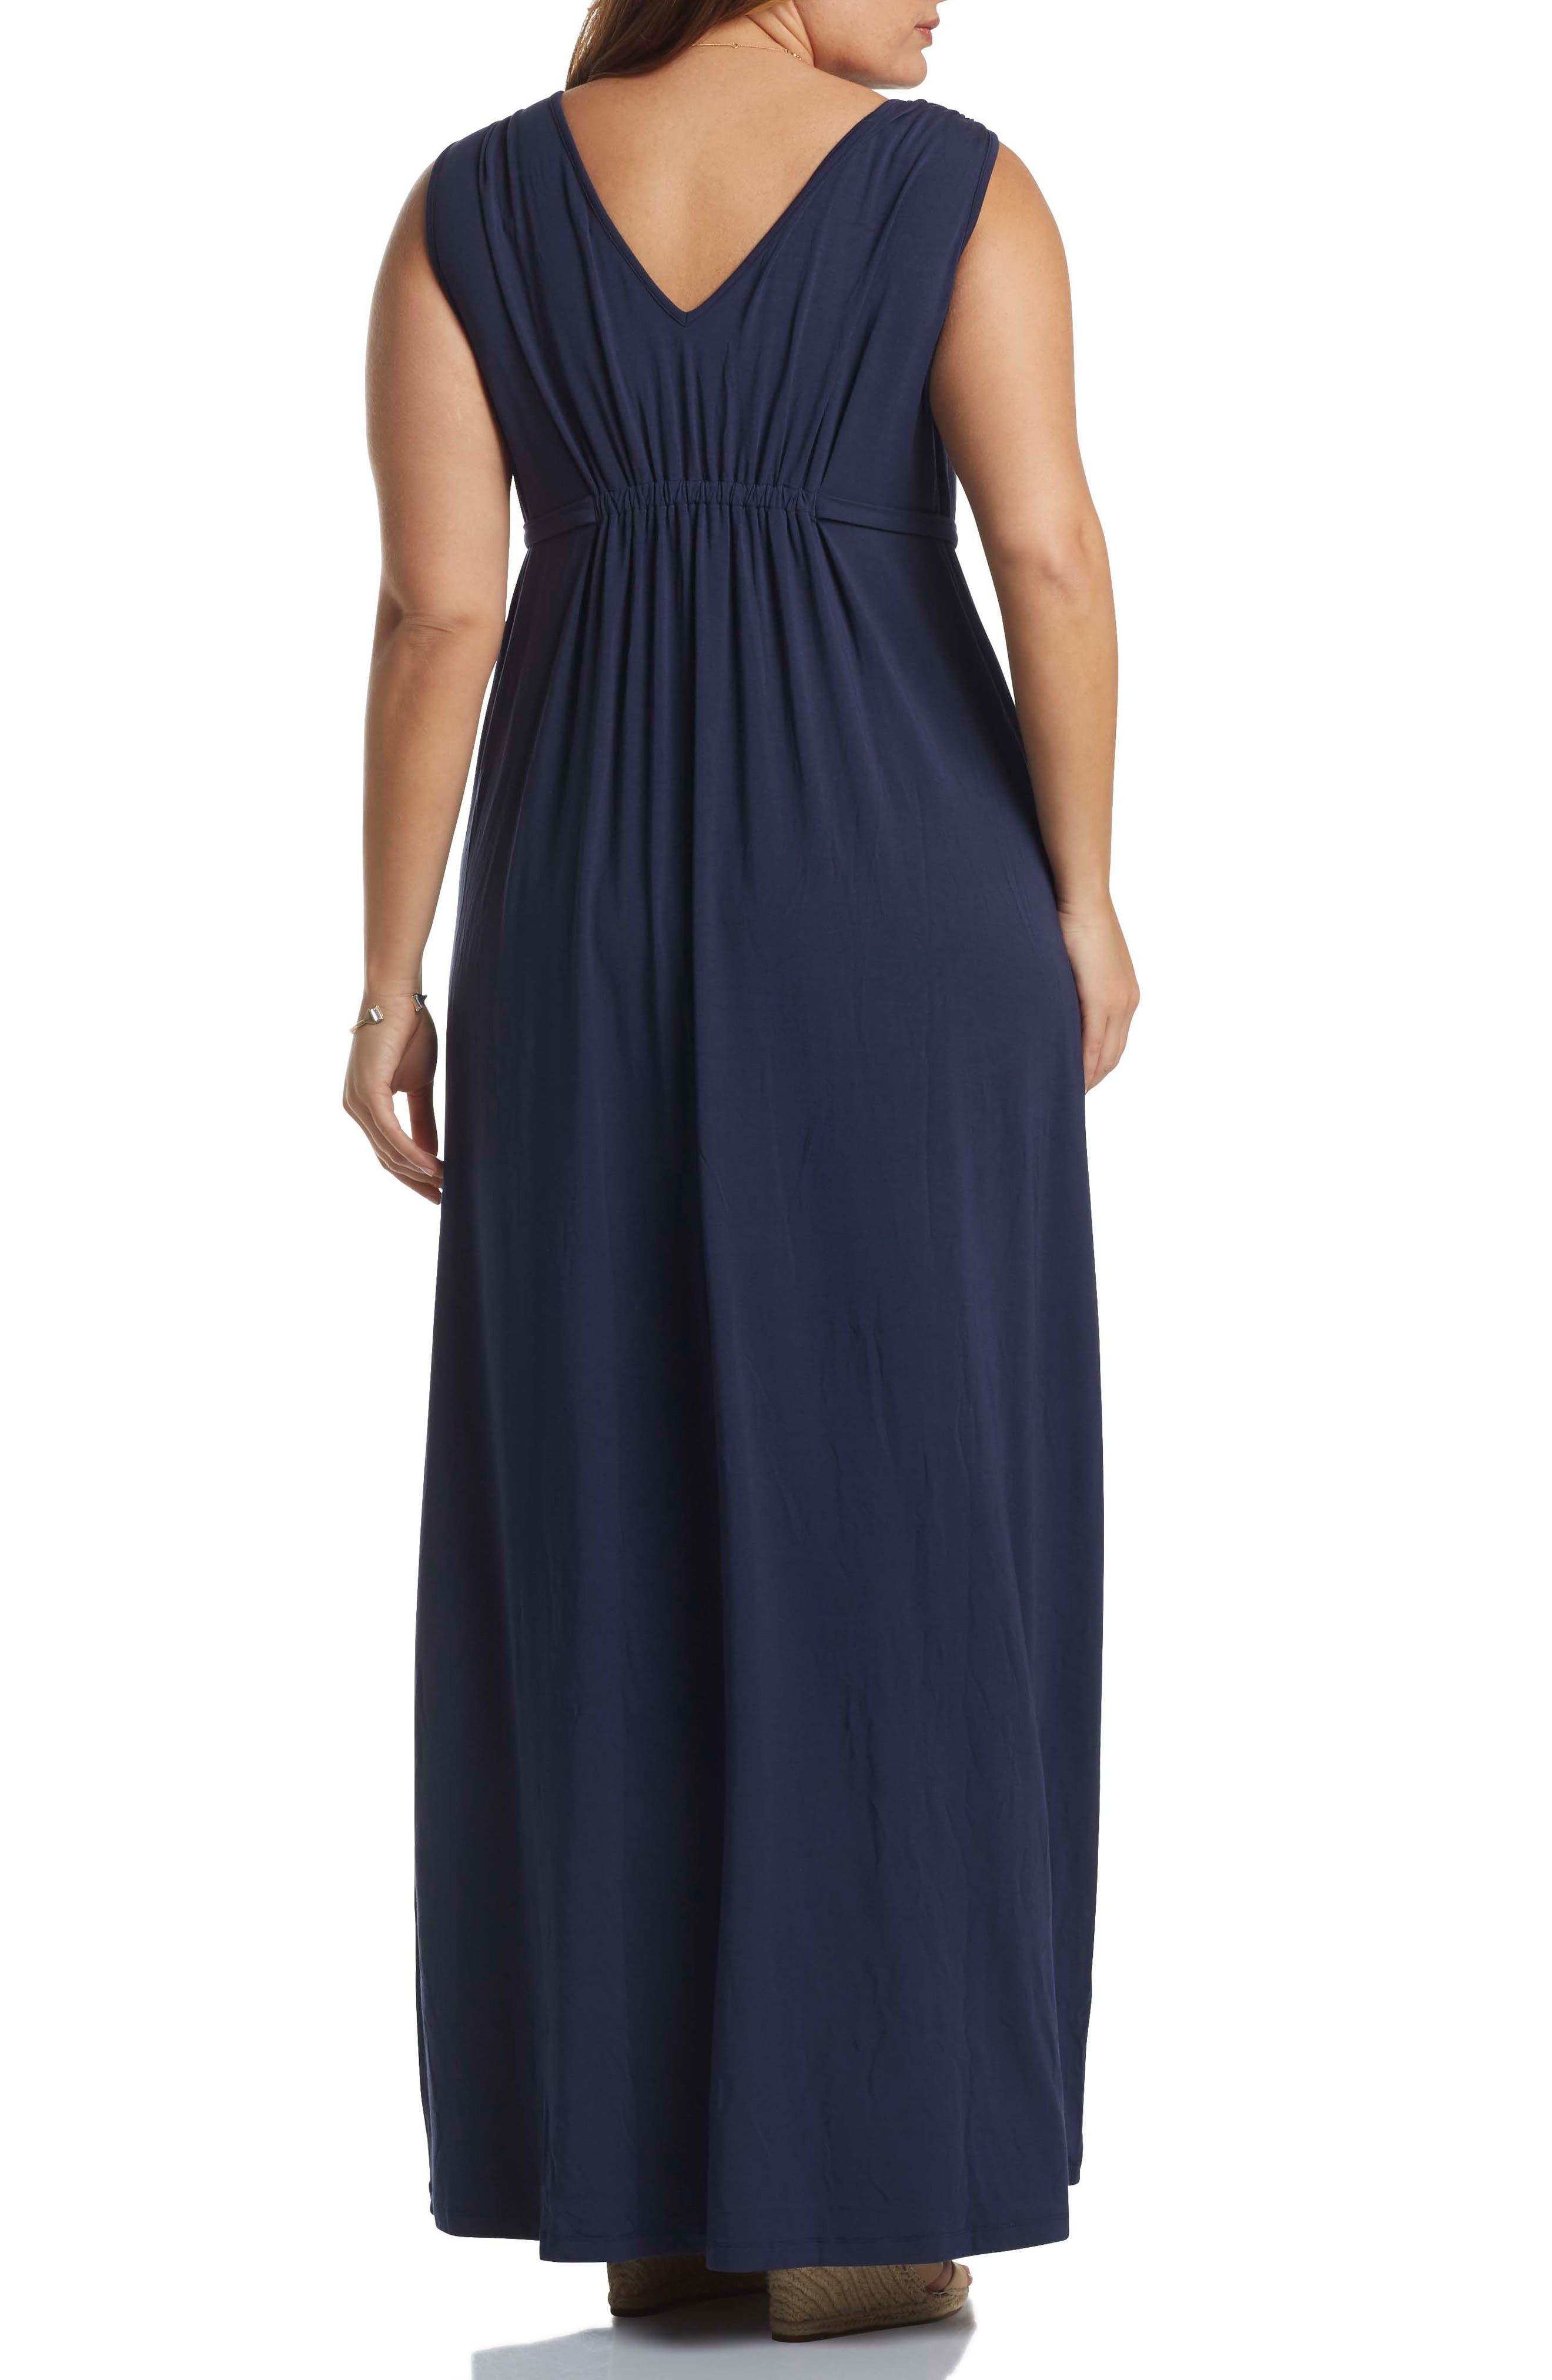 Grecia Sleeveless Jersey Maxi Dress,                             Alternate thumbnail 15, color,